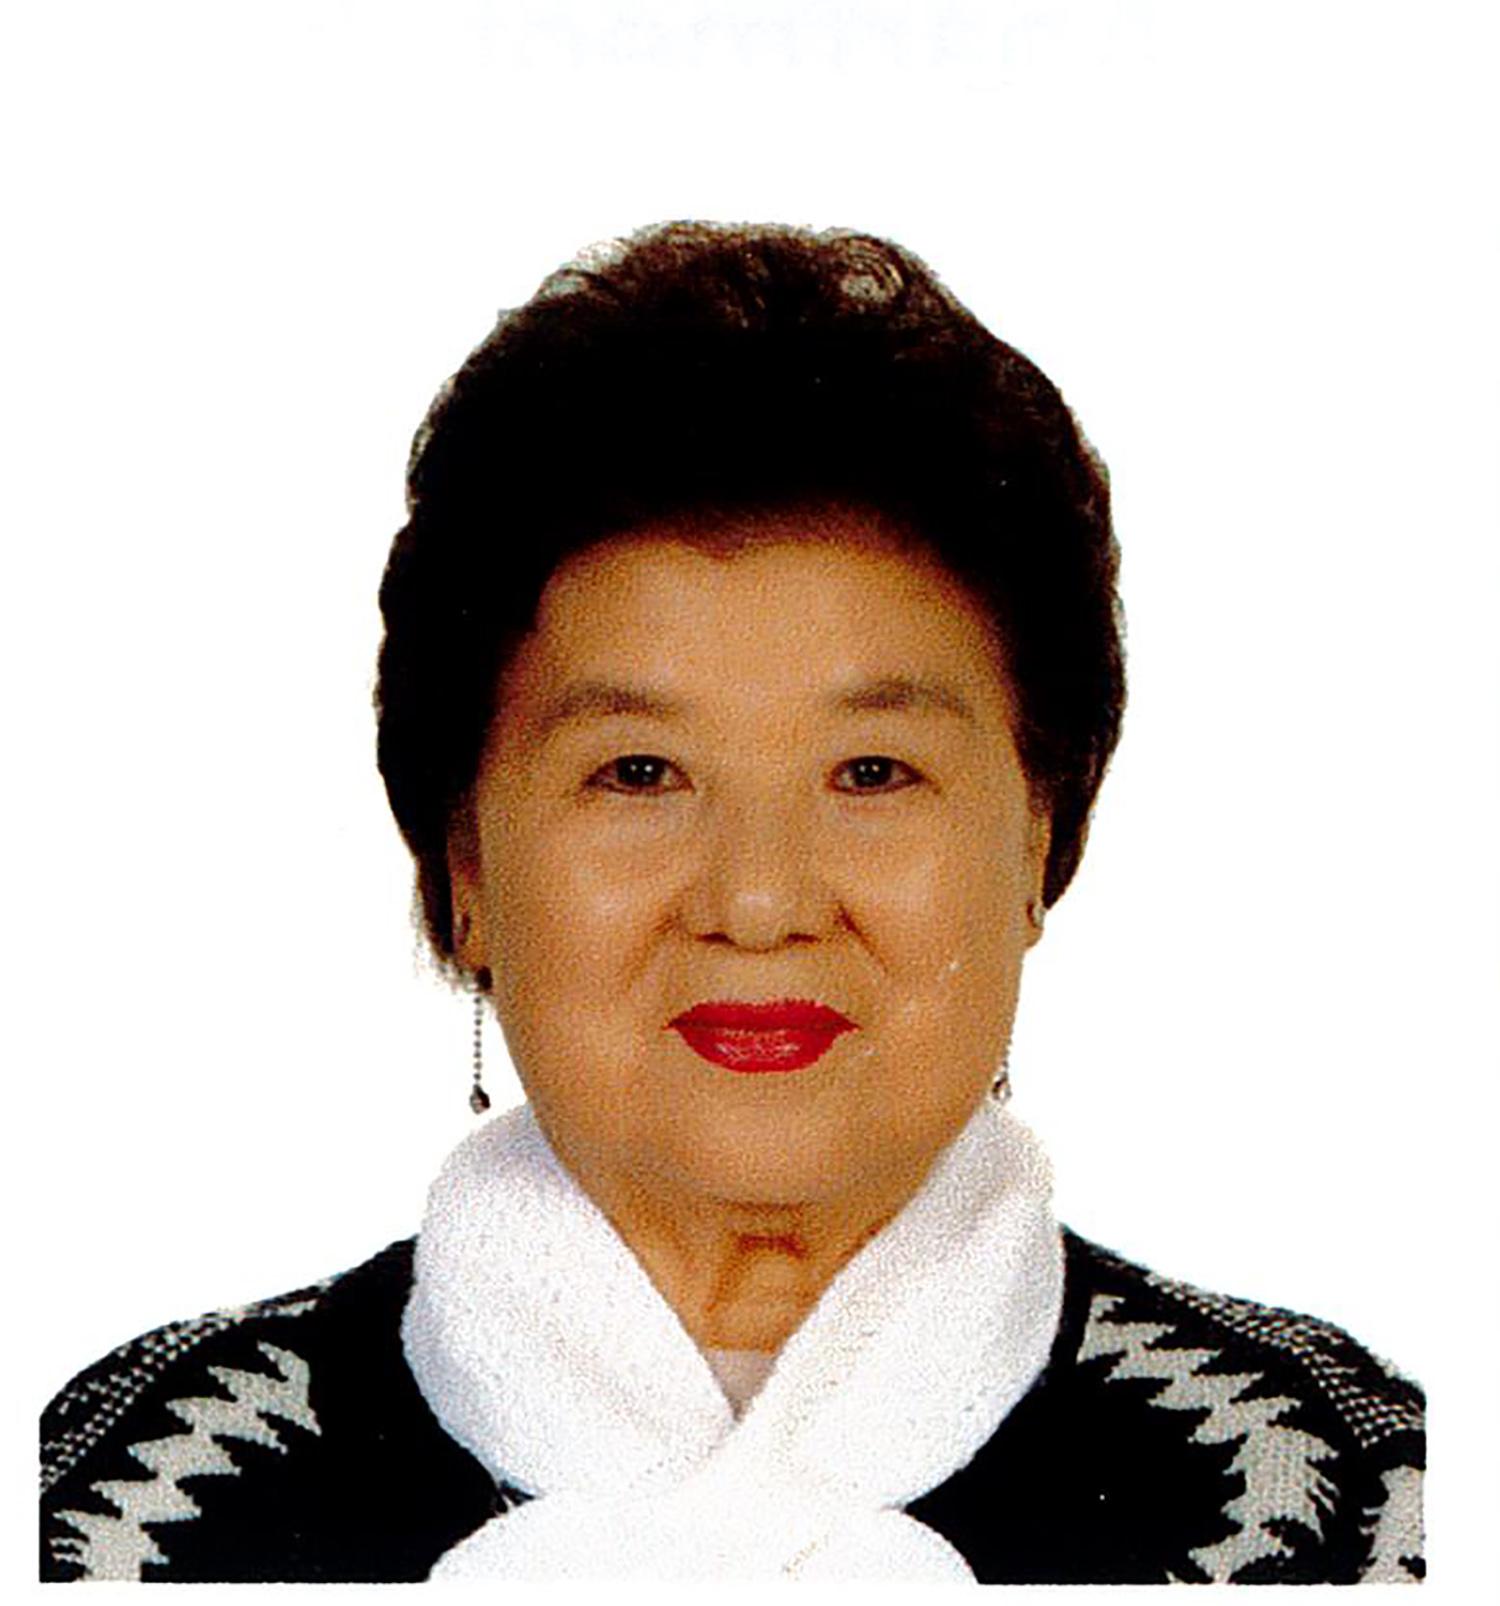 Keum Bok Choi